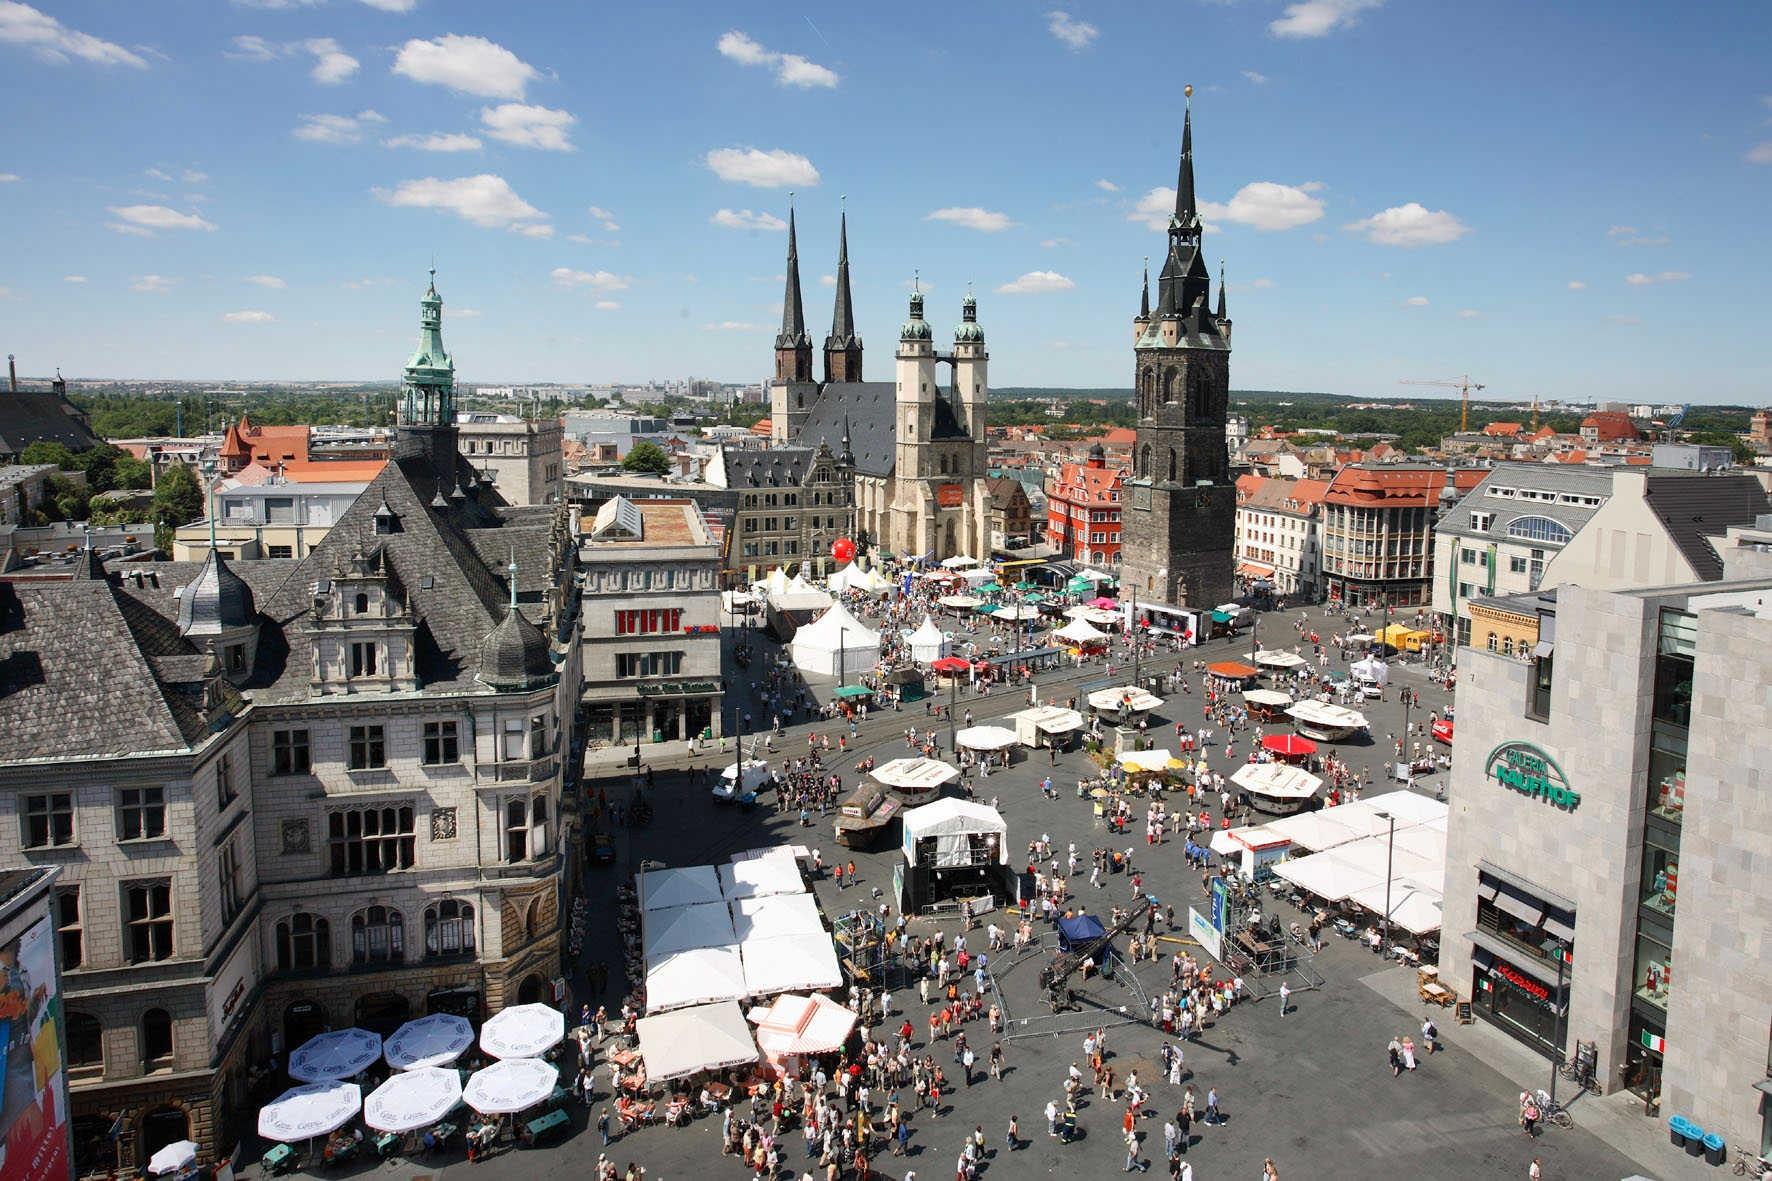 Saale Marktplatz